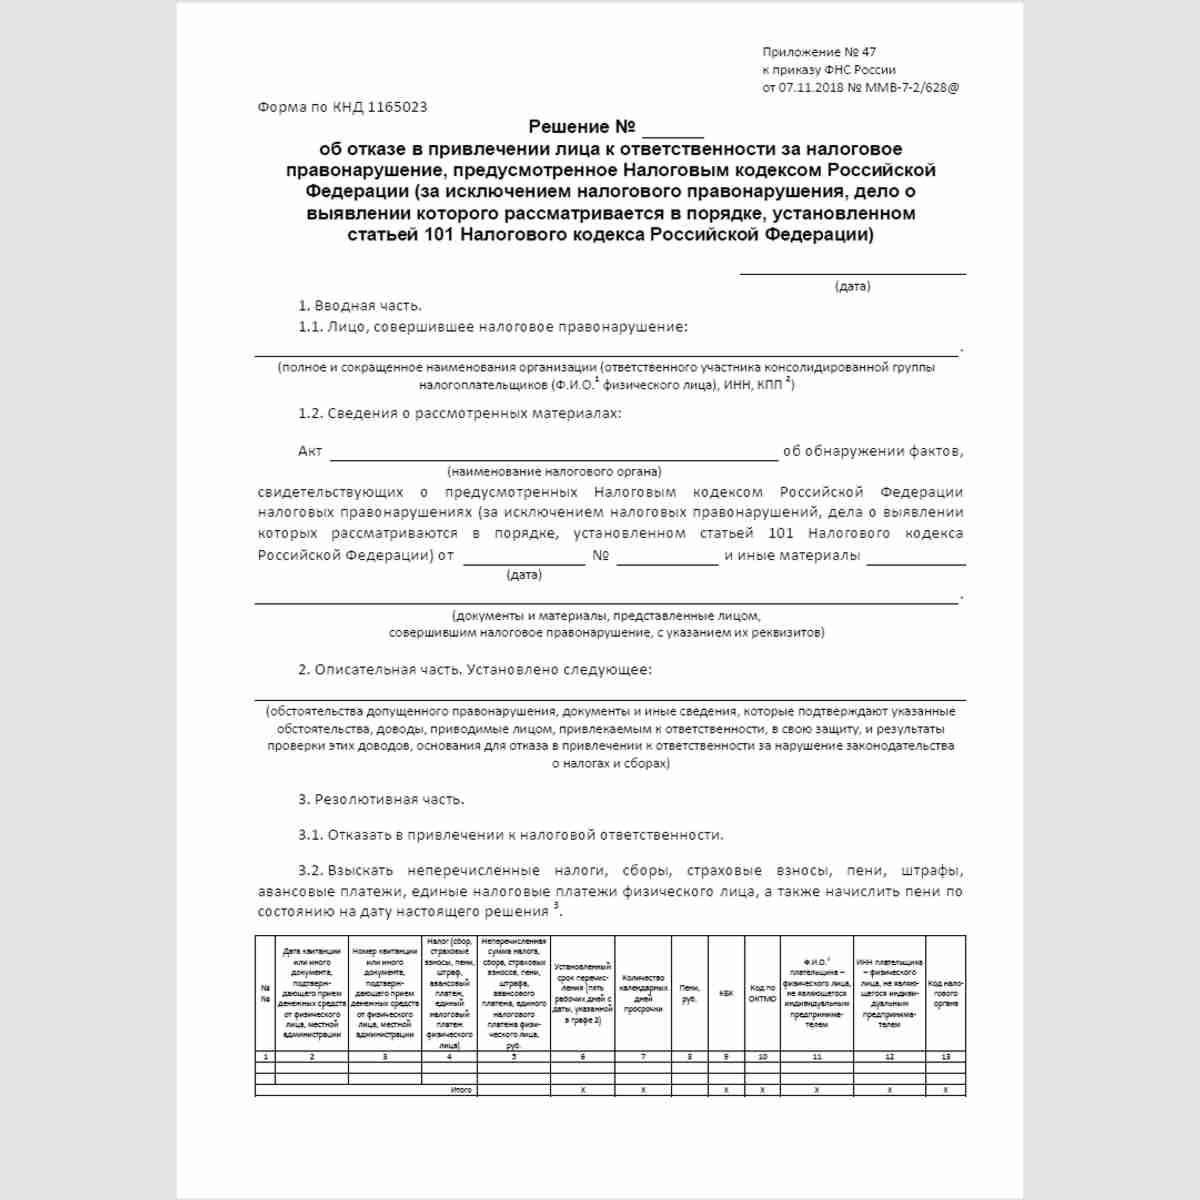 """Форма КНД 1165023 """"Решение об отказе в привлечении лица к ответственности за налоговое правонарушение, предусмотренное Налоговым кодексом Российской Федерации (за исключением налогового правонарушения, дело о выявлении которого рассматривается в порядке,"""